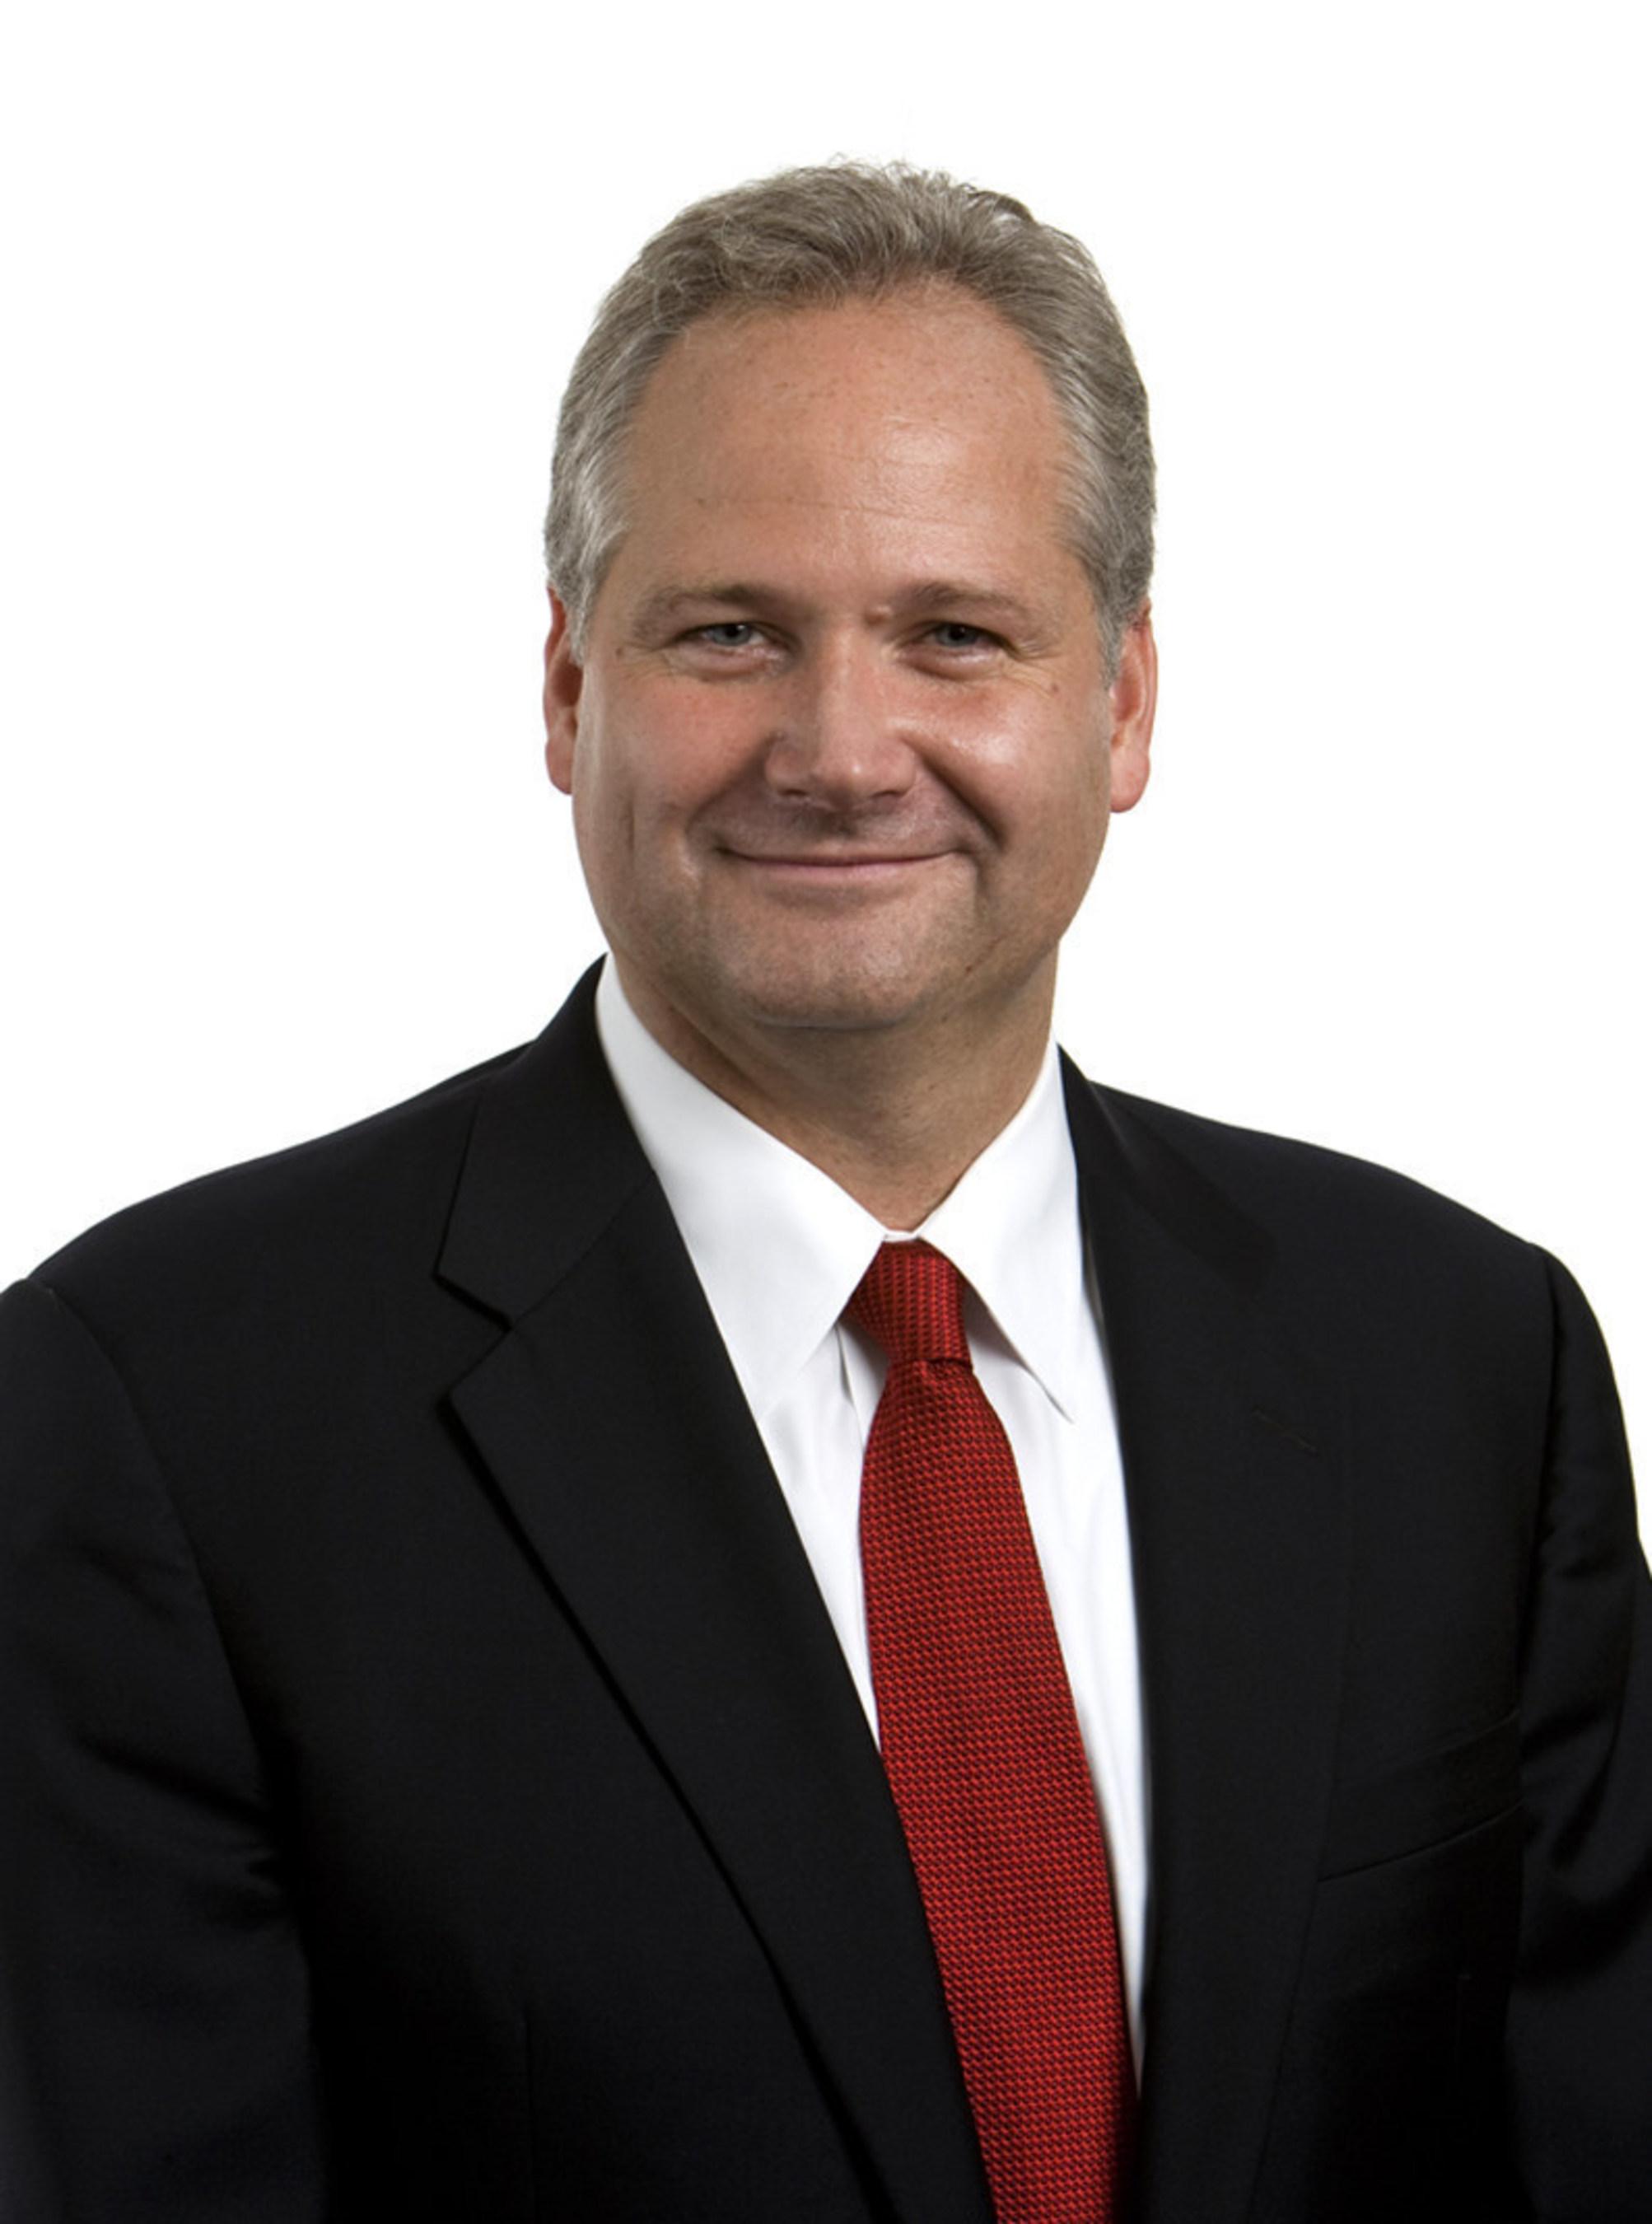 John Kispert, Managing Partner, Black Diamond Ventures (BDV)